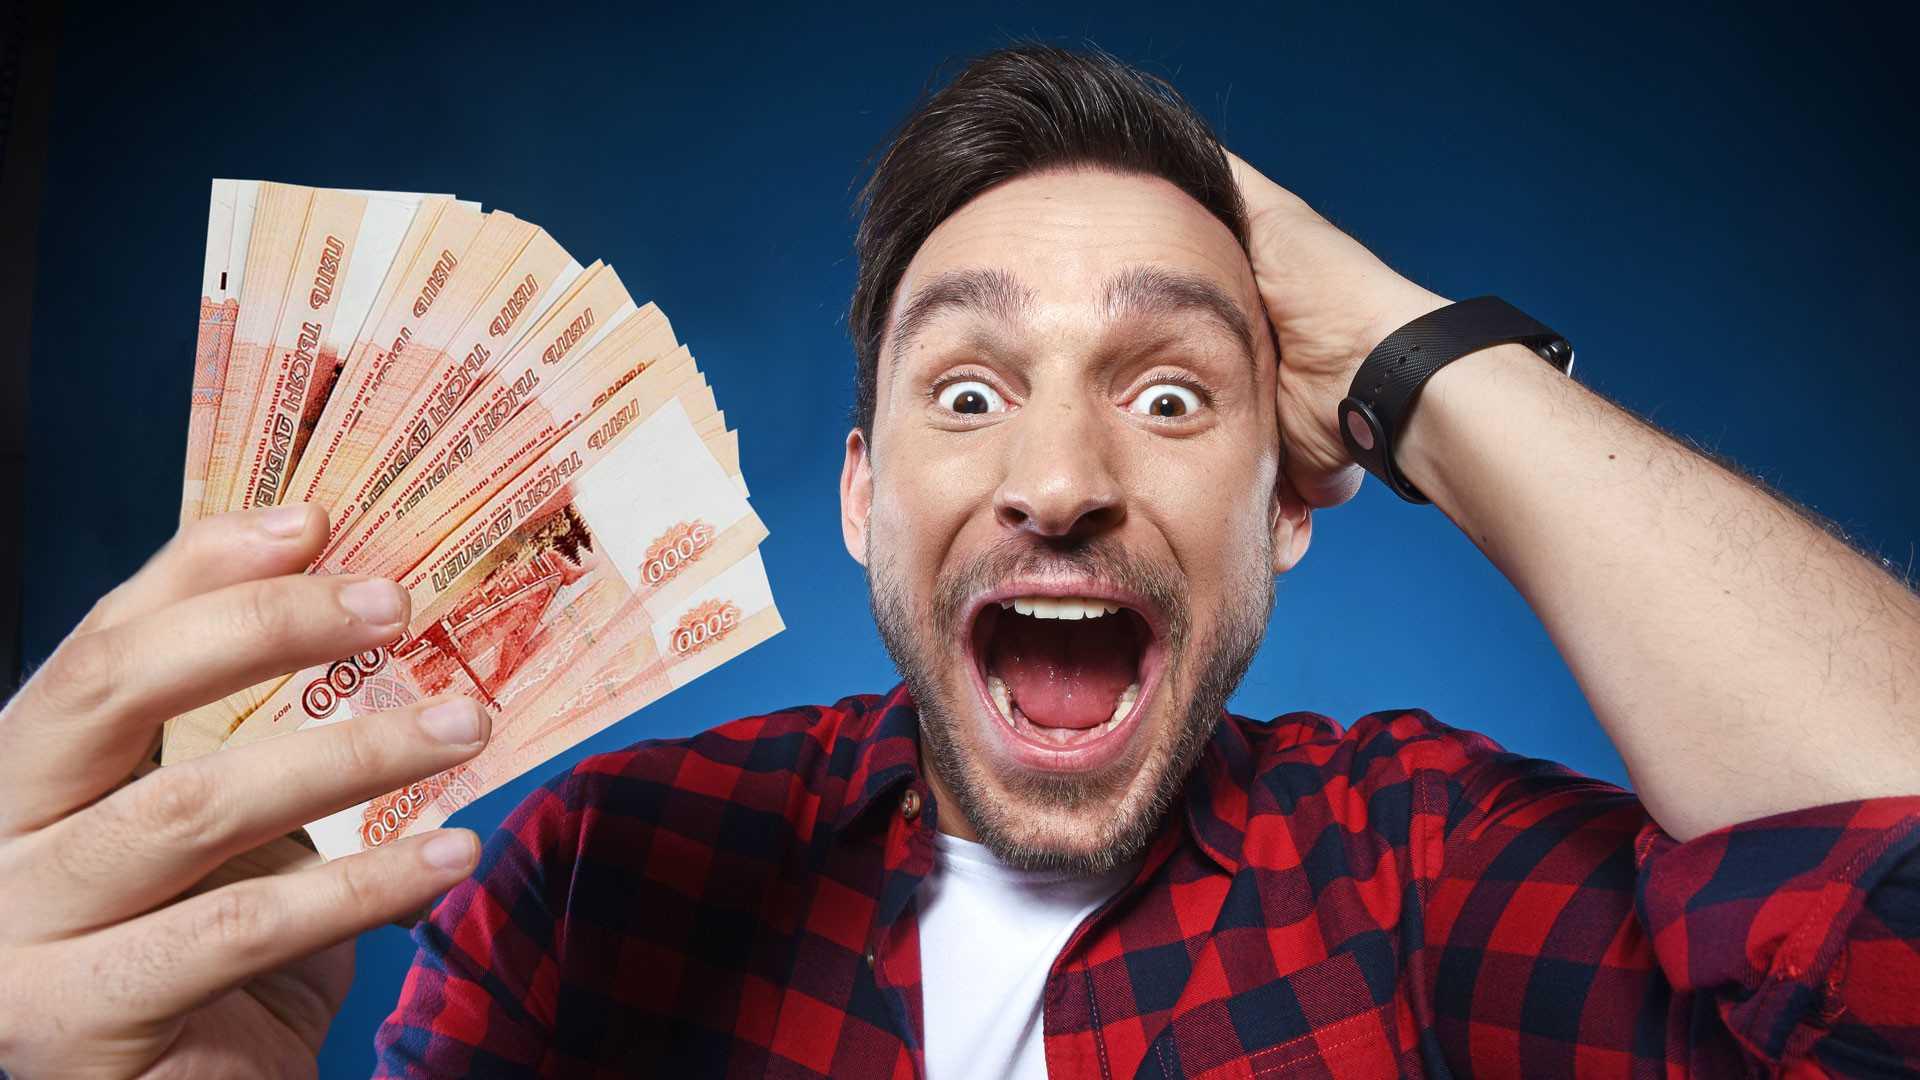 Как выиграть в лотерею — 5 các phương pháp làm việc + ví dụ về những chiến thắng lớn nhất trong lịch sử